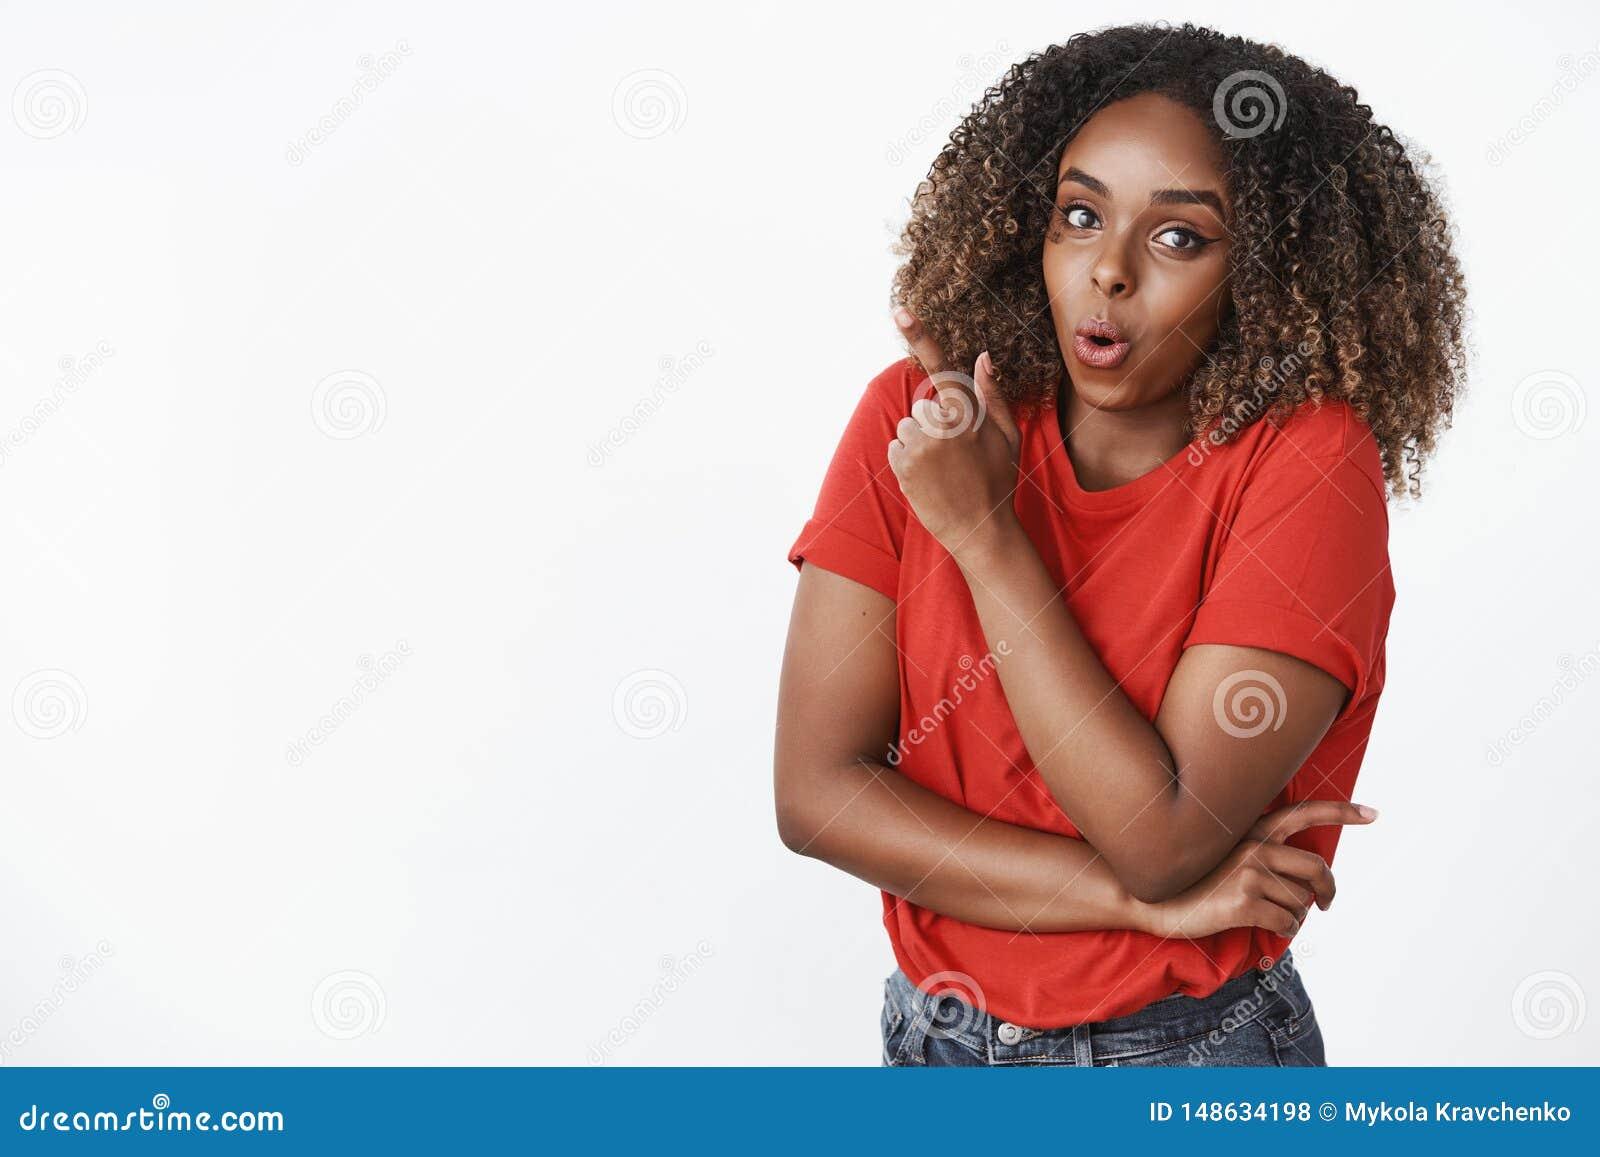 Вау интересный Портрет позабавленной и удивленной привлекательной молодой Афро-американской женщины 25s в красной складчатости фу